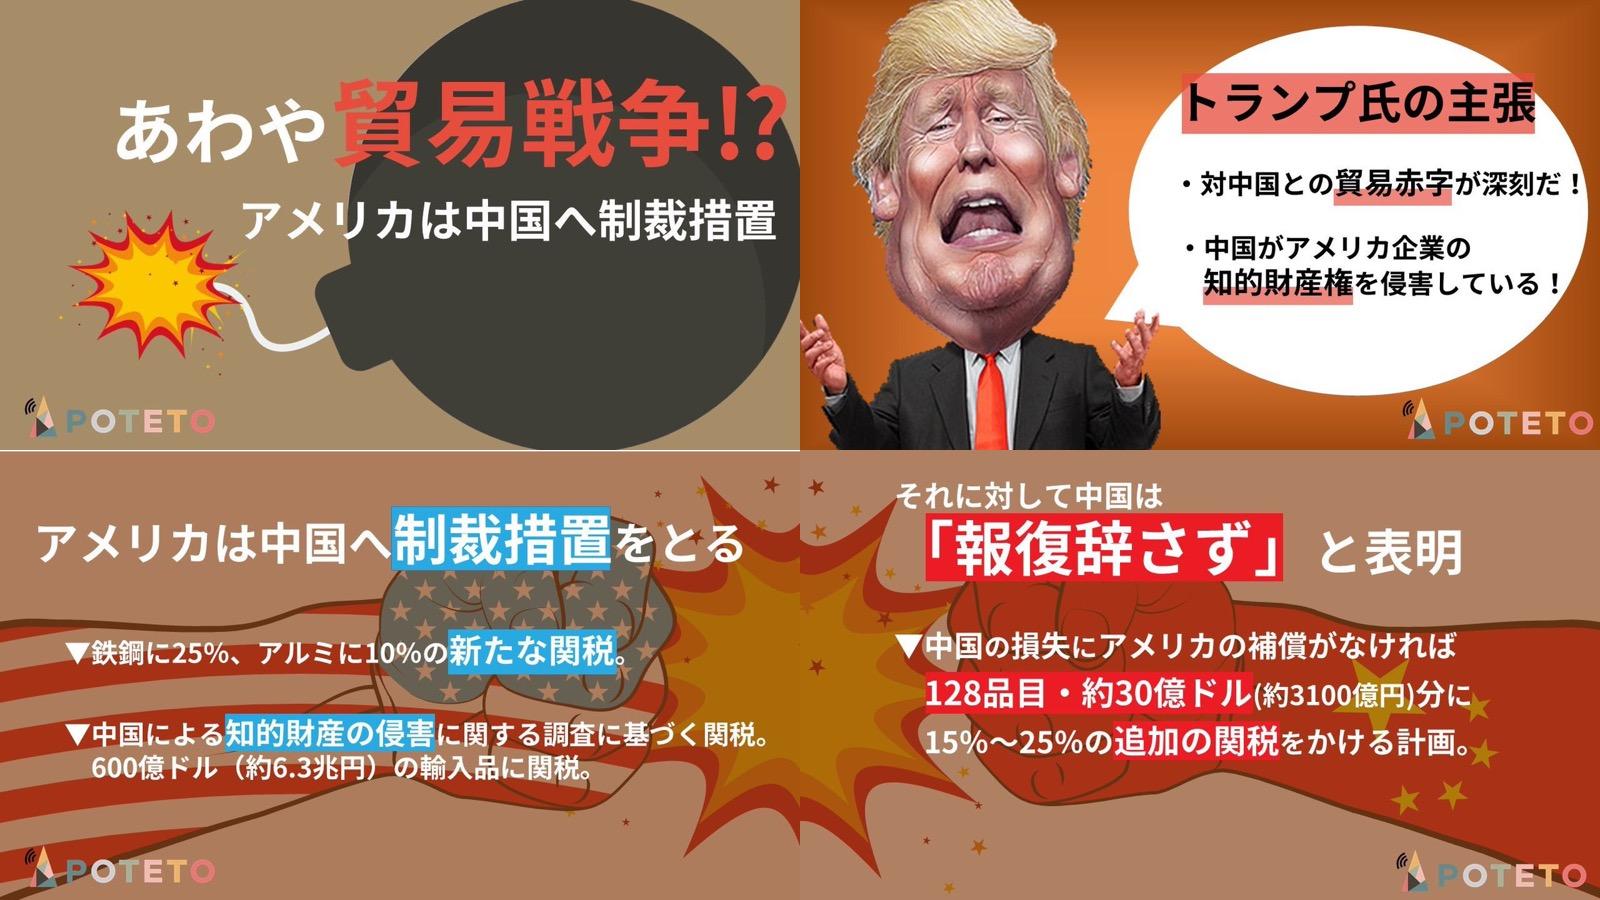 中国 アメリカ 戦争 と